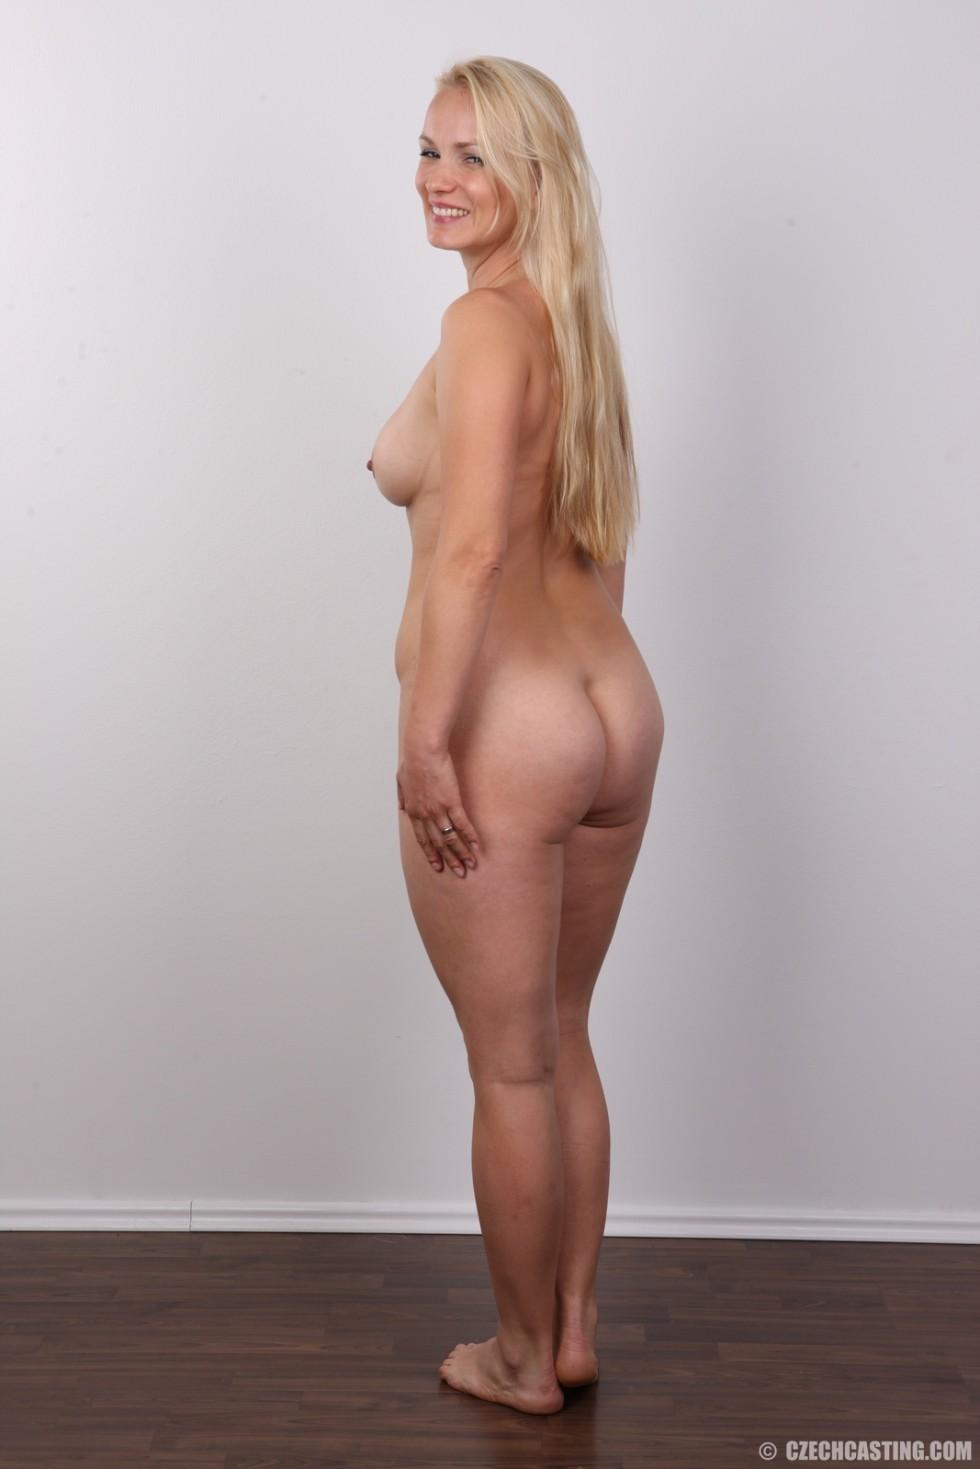 Блондинка с большой попкой и тату на спине оголила свое тело на камеру